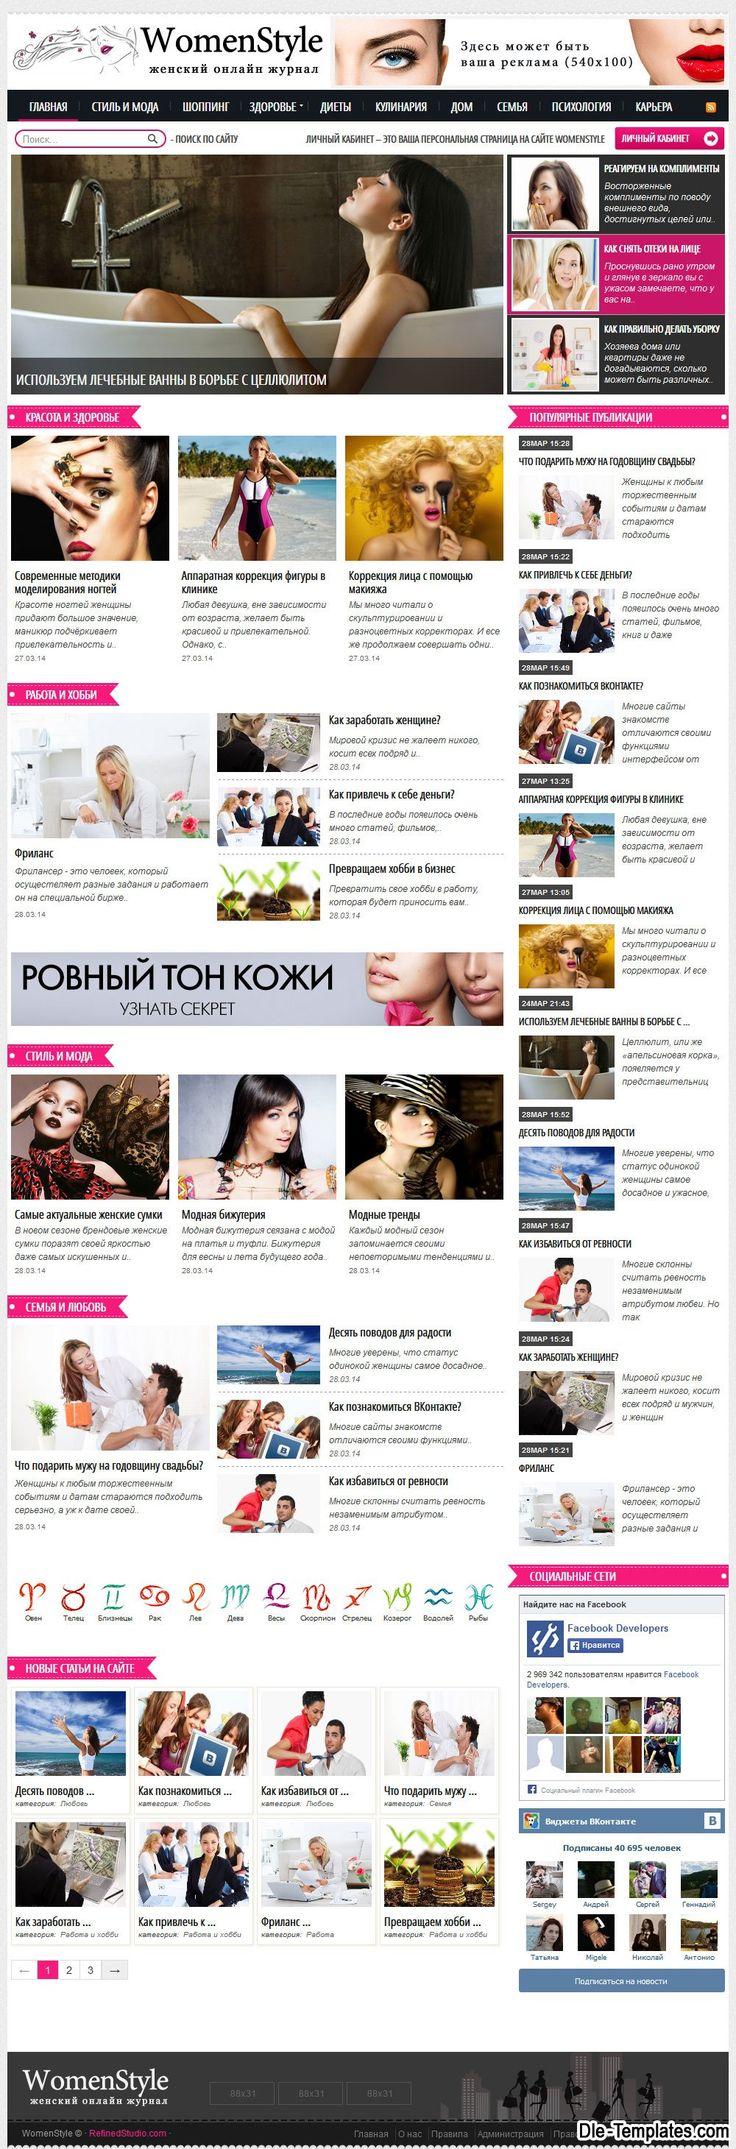 WomenStyle - женский журнальный шаблон для DLE #templates #website #шаблон #сайт #web